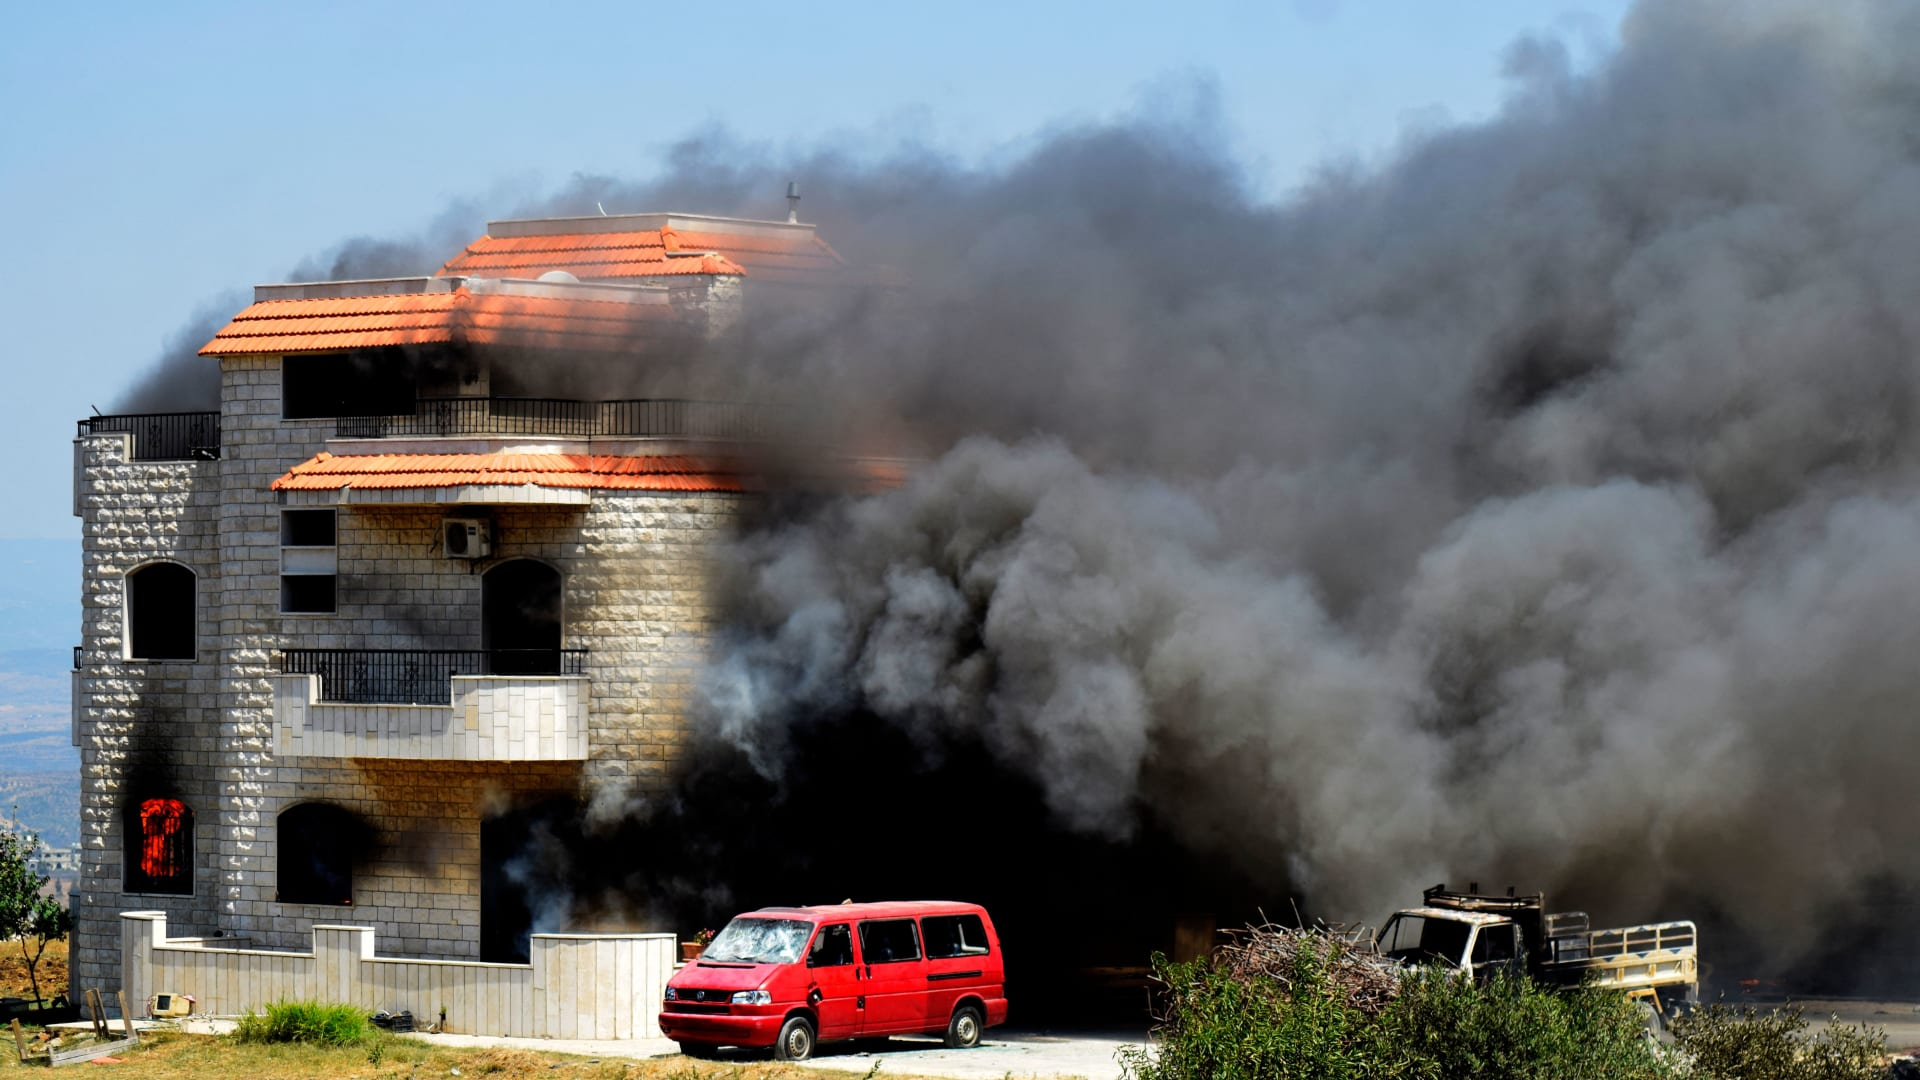 اللحظات الأولى بعد انفجار صهريج وقود في عكار بلبنان